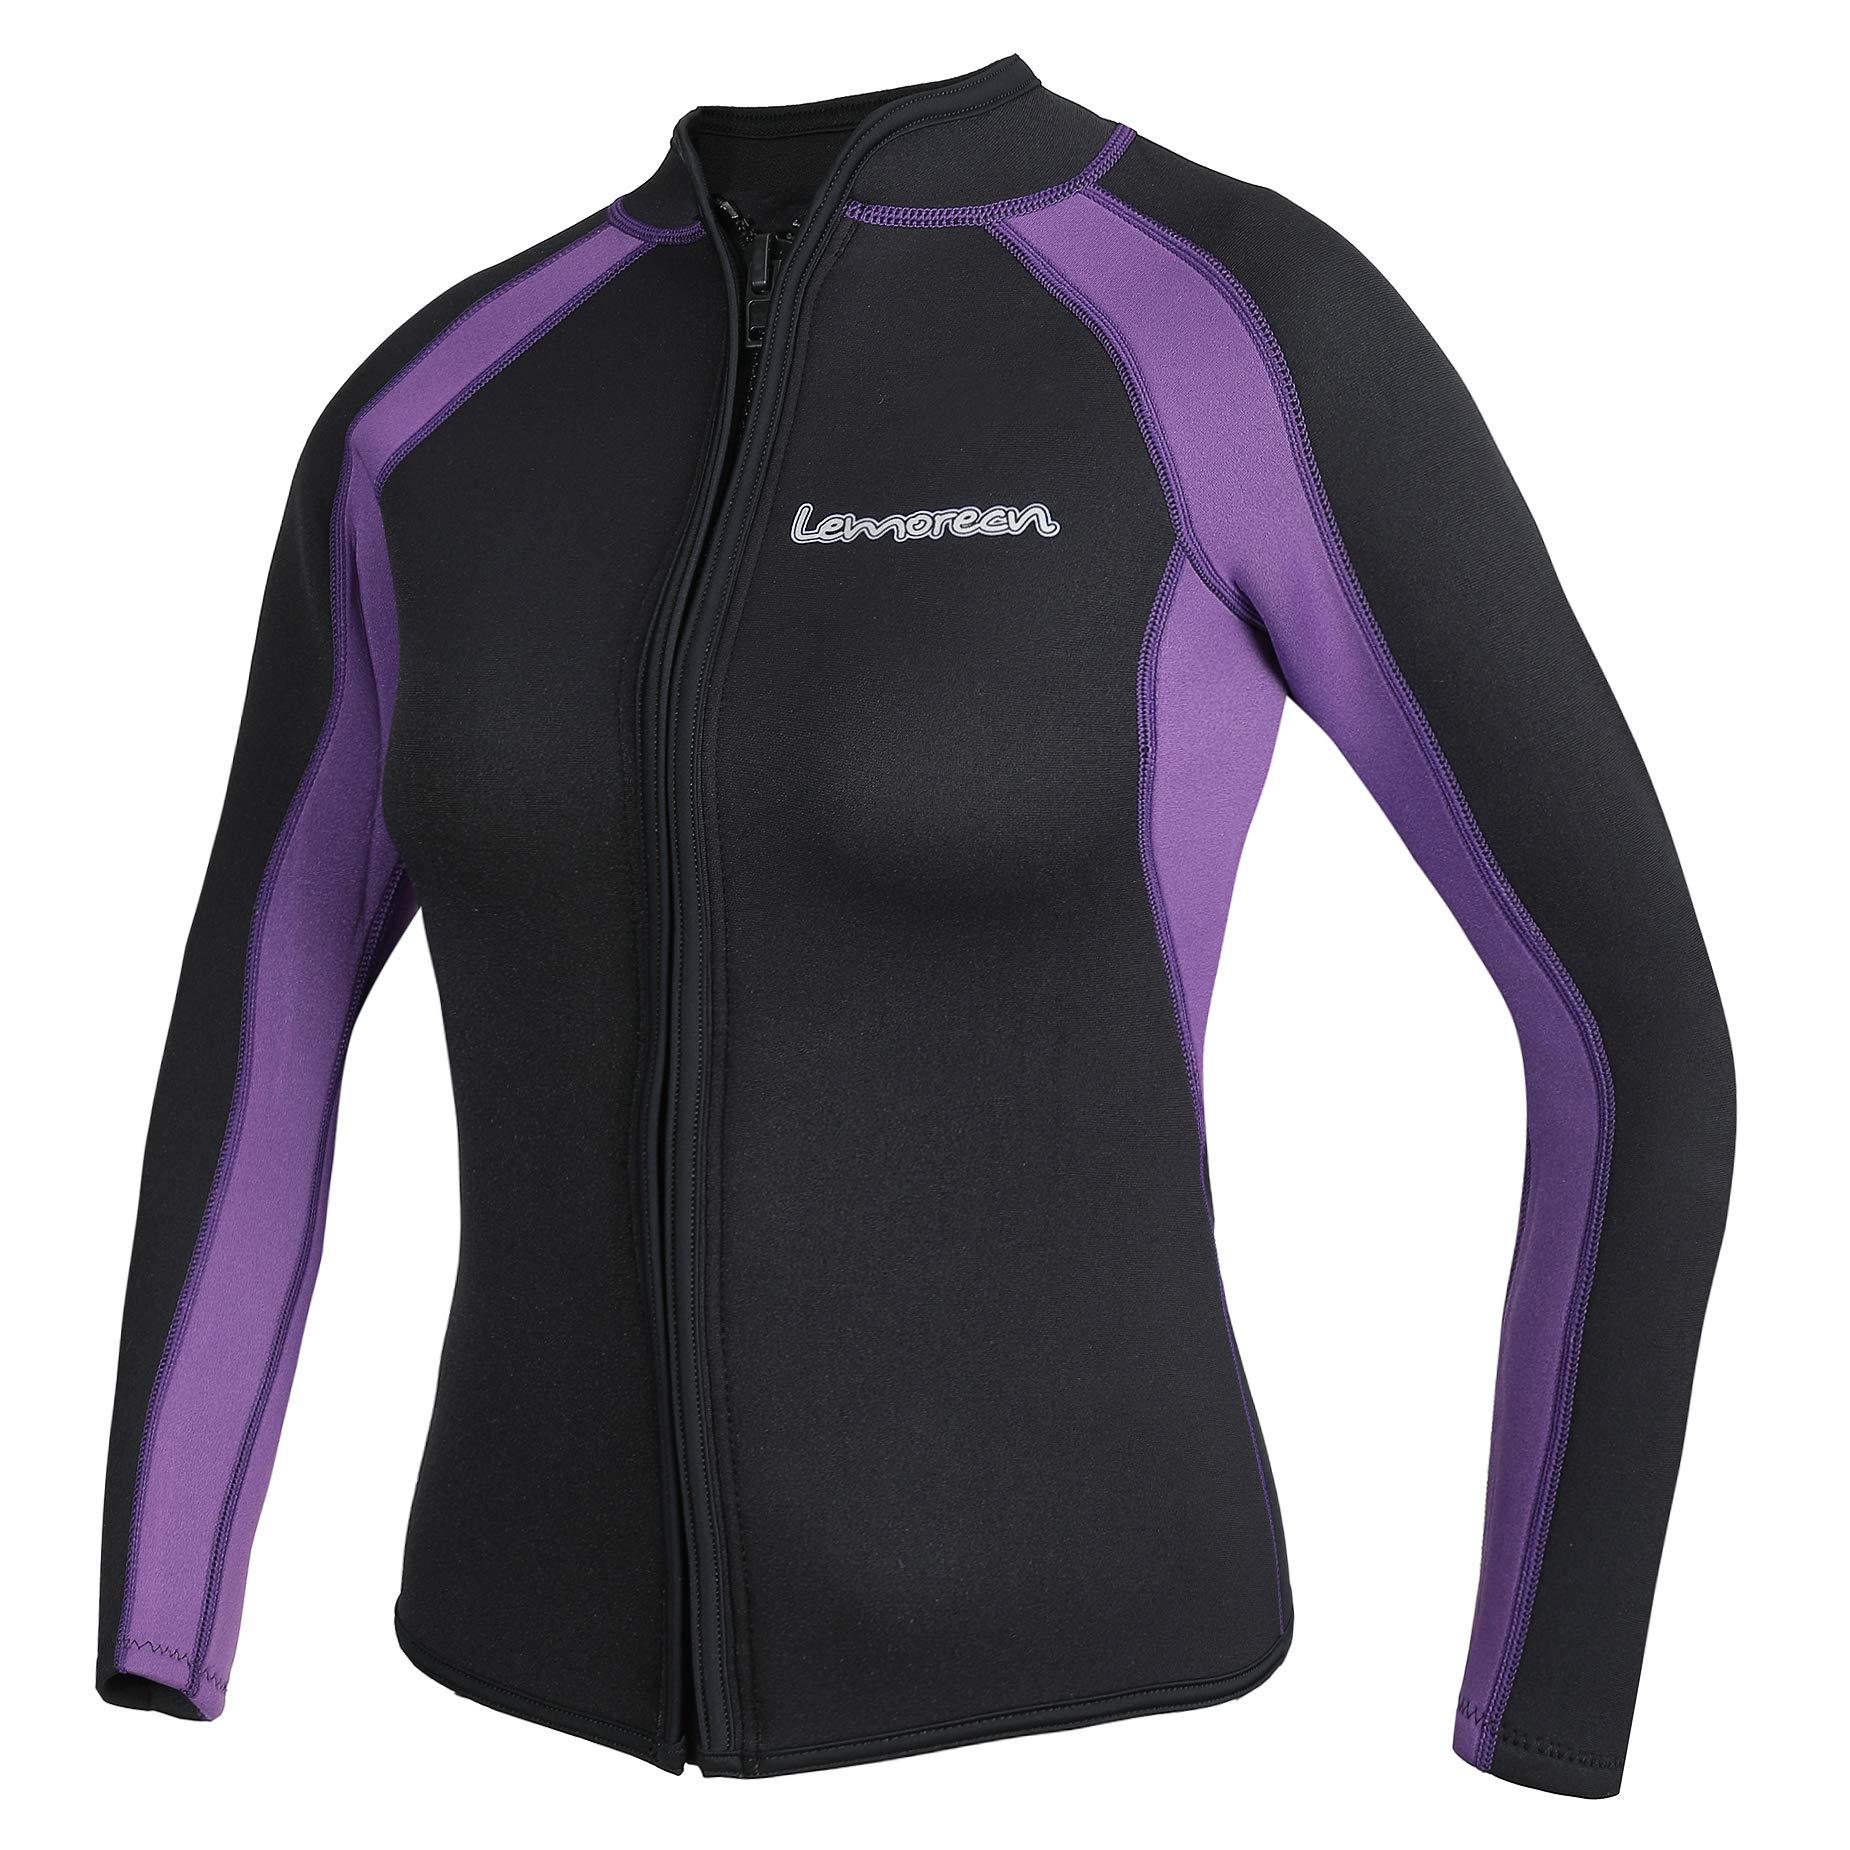 Lemorecn Women's 3mm Wetsuits Jacket Long Sleeve Neoprene Wetsuits Top(2041blackpurple10) by Lemorecn